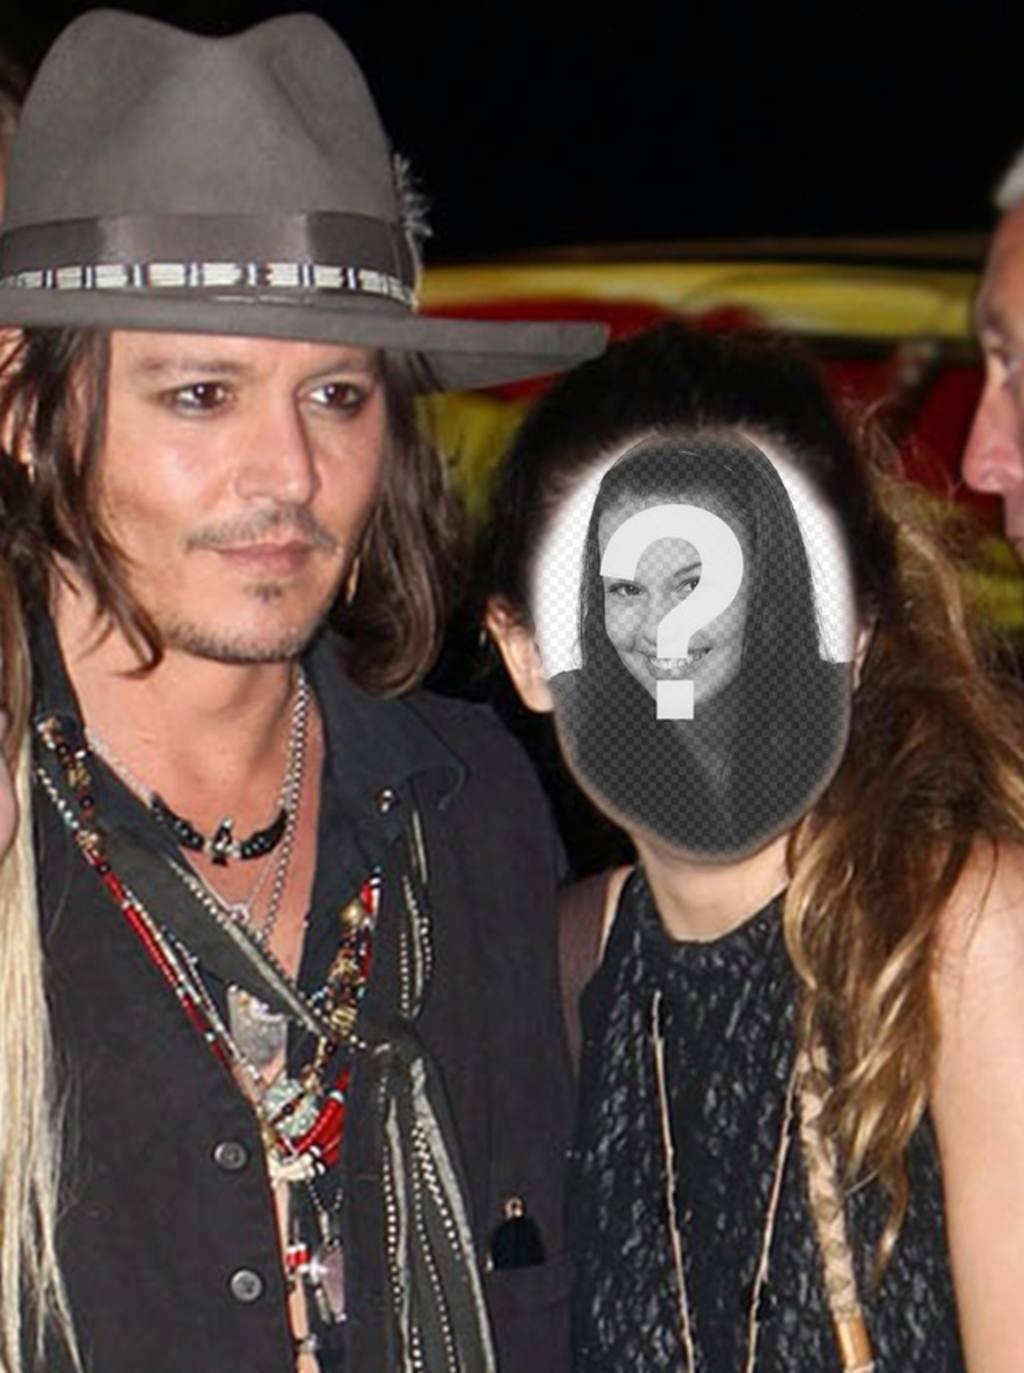 Fotomontaggio con Johnny Depp per avere una foto con lui e scrivere un testo su di esso on-line